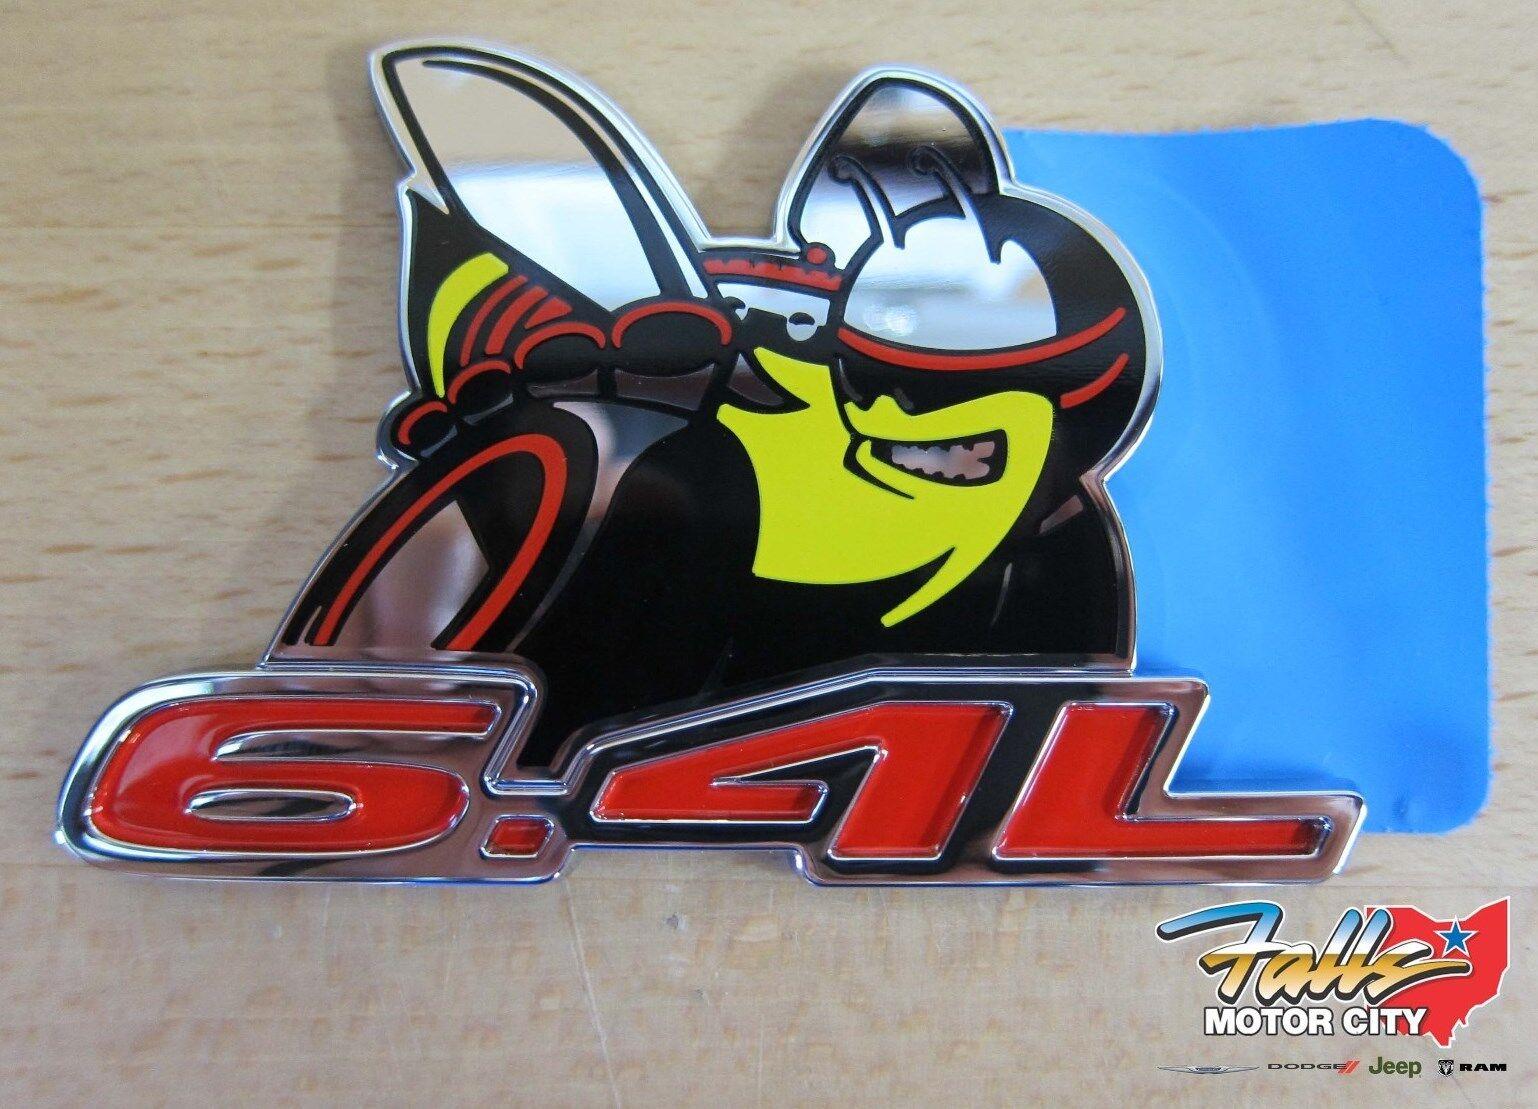 Dodge dodge challenger 6 4l scat pack emblem badge mopar oem